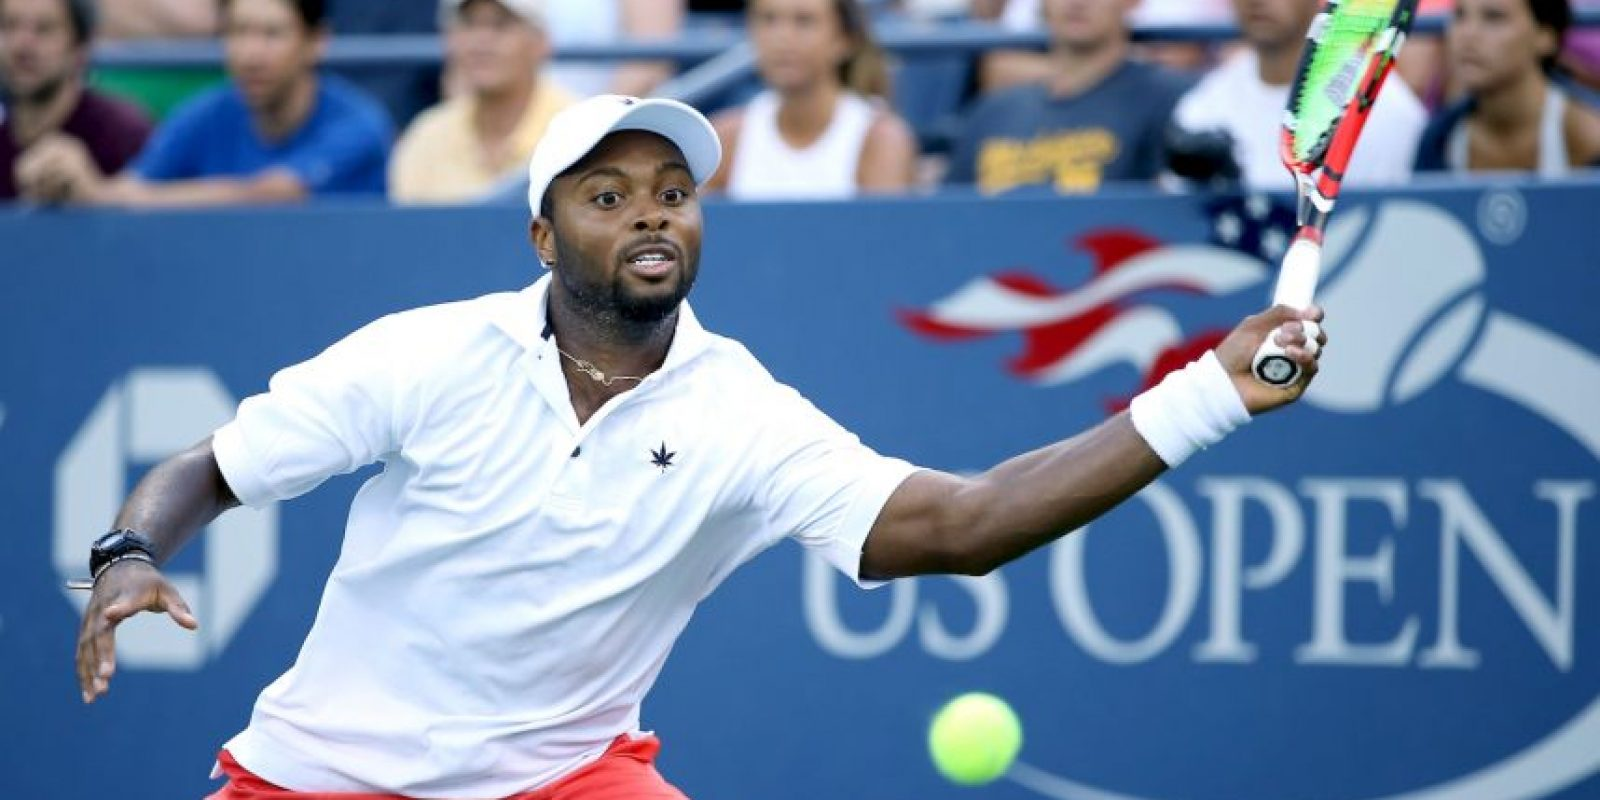 Sus deportistas favoritos son Michael Jordan, Pete Sampras y Tiger Woods. Foto:Getty Images